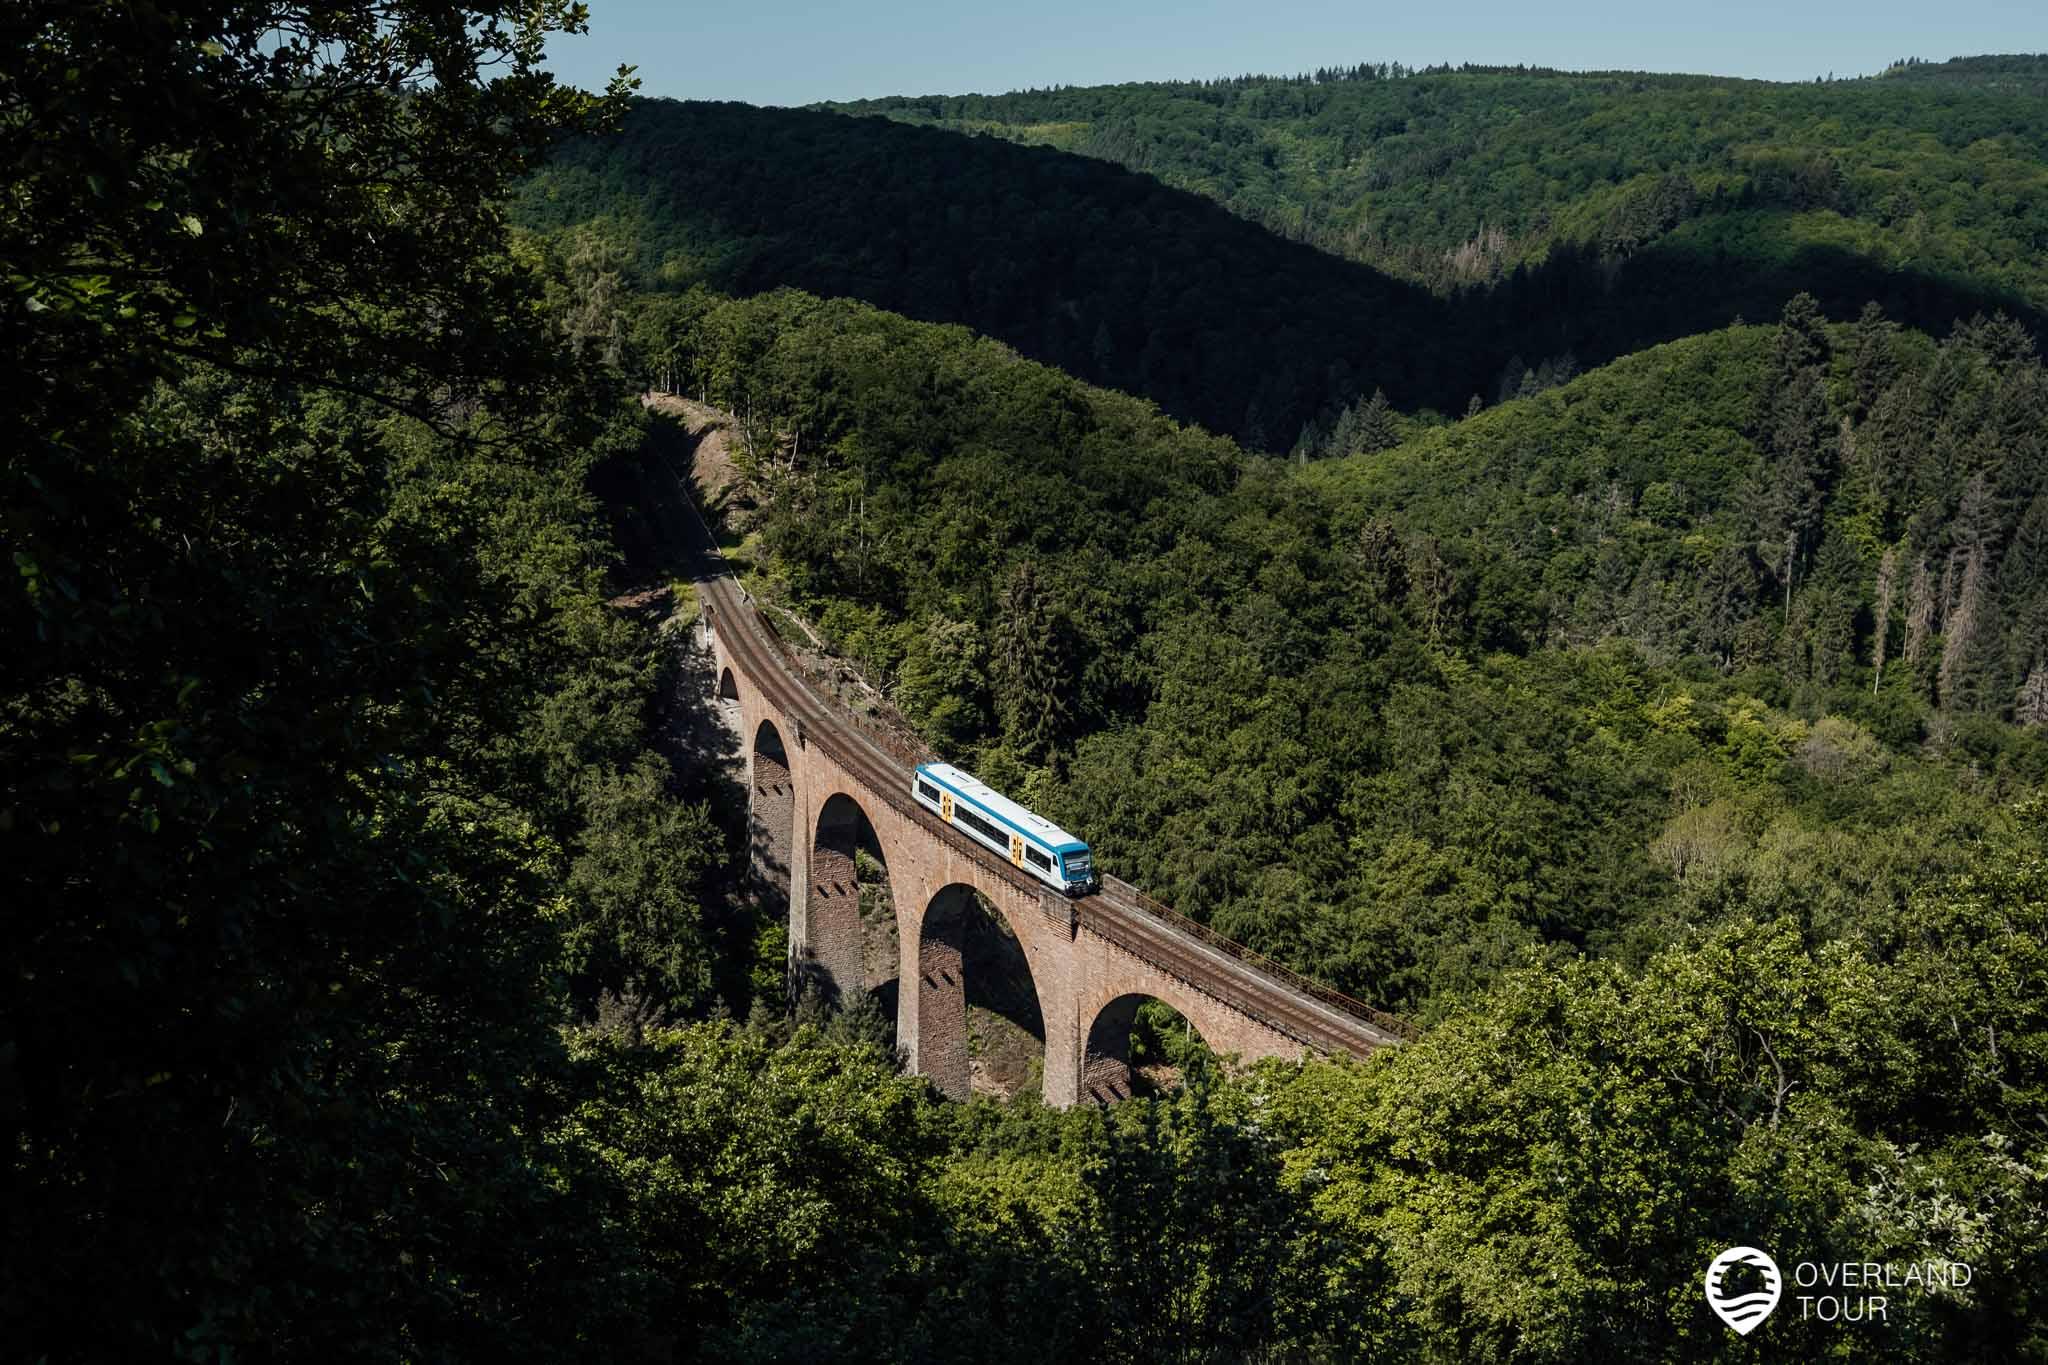 Traumschleife Elfenlay Wanderung: Der Ausblick an der Liesenfeld Hütte auf das Viaduk der Hunsrückbahn